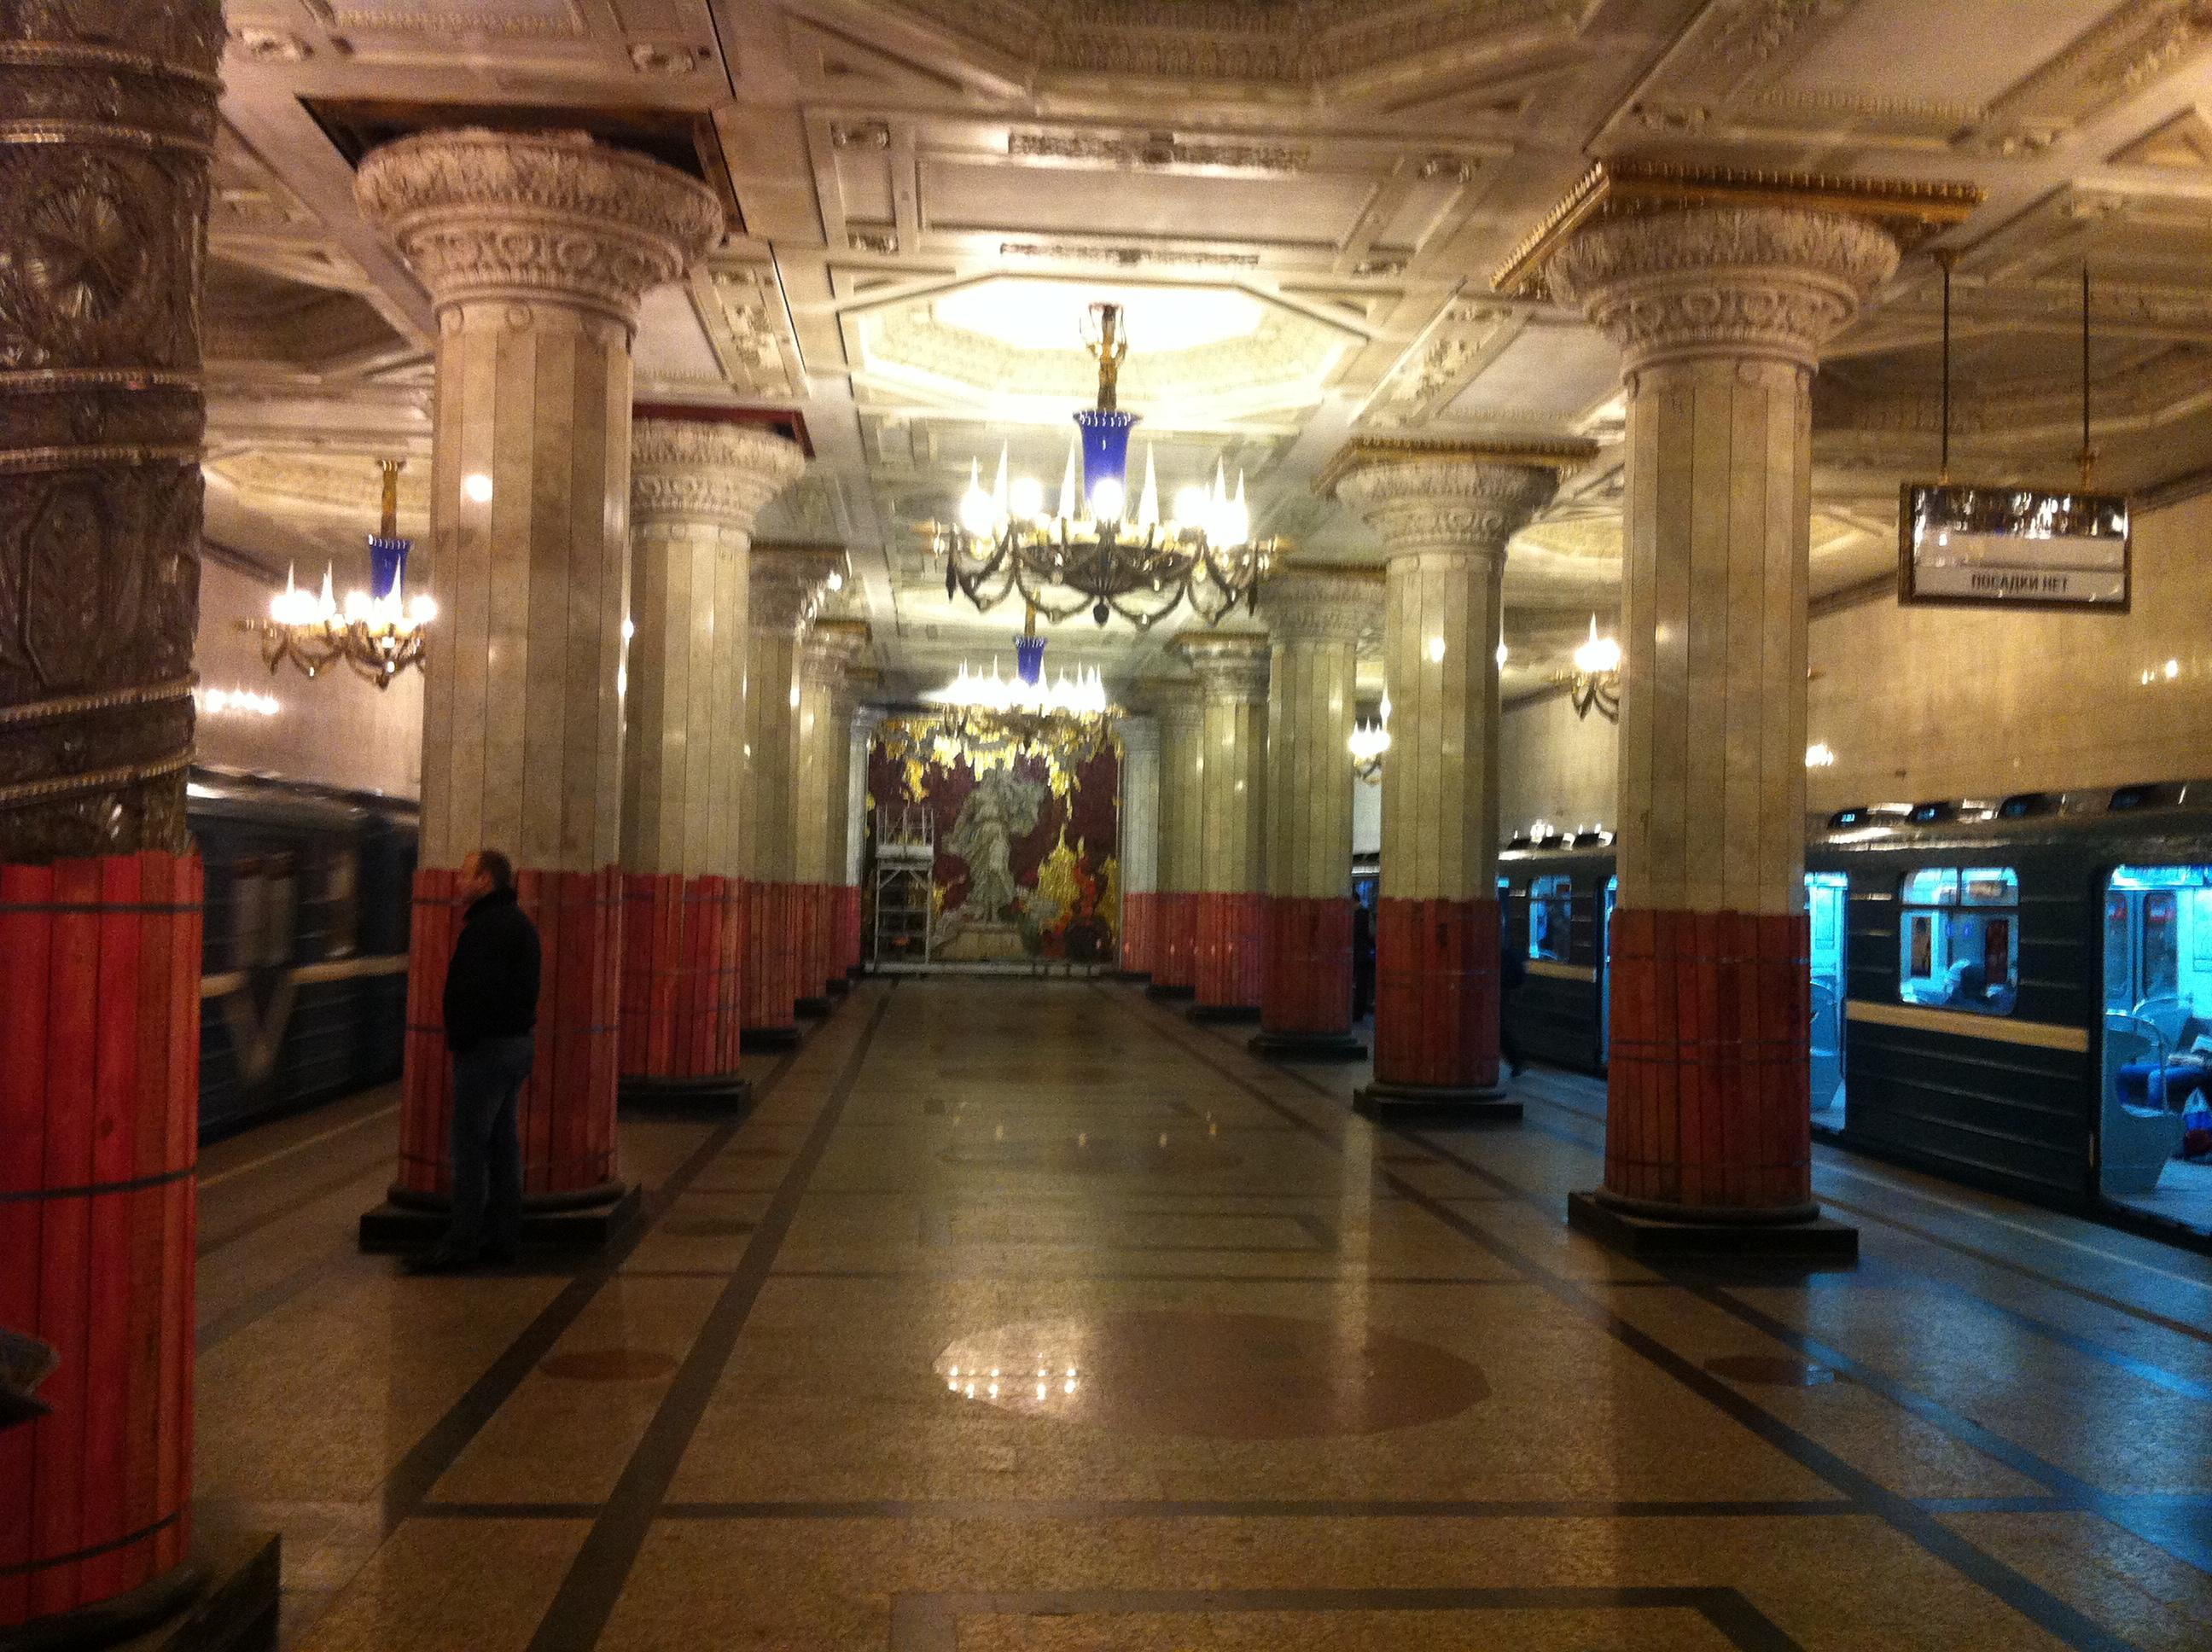 Ett av St Petersburgs palats? Nej, en t-banestation!